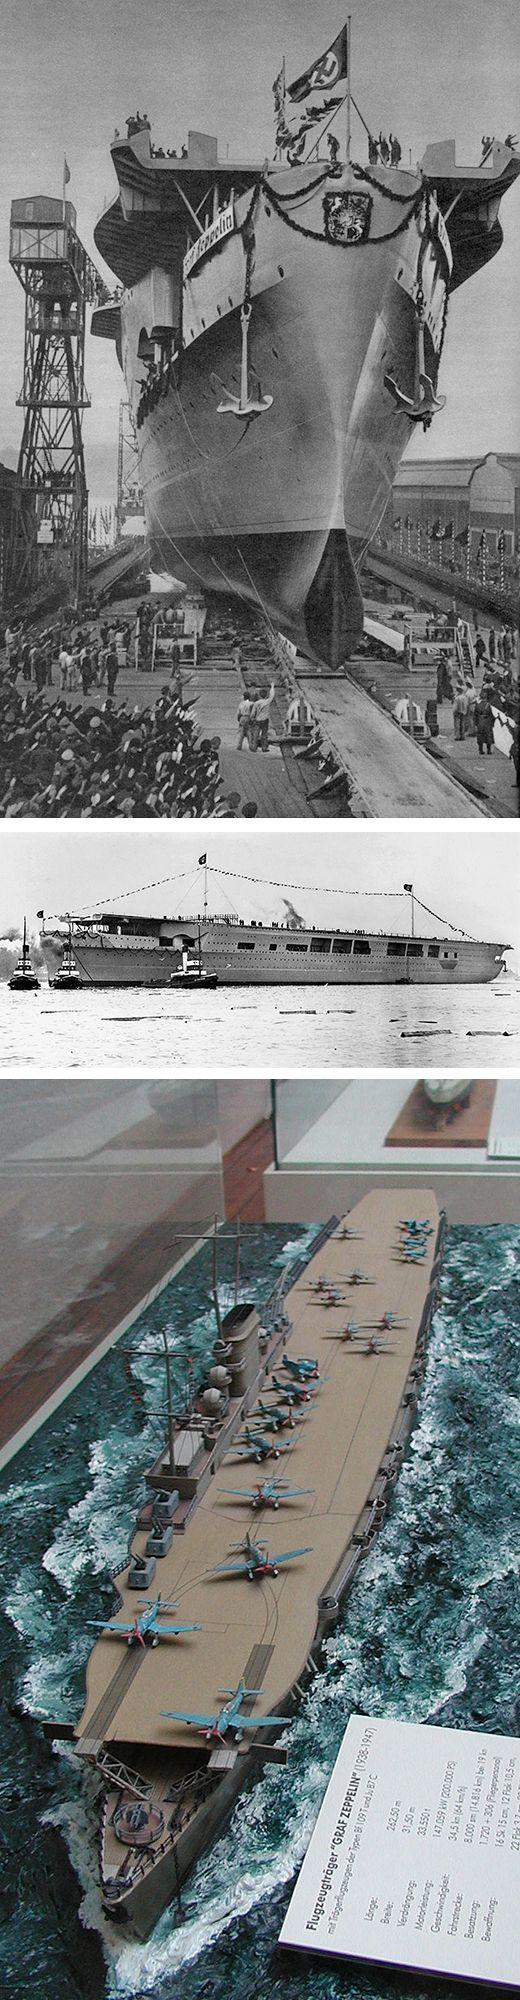 KMS Graf Zeppelin - portaerei classe Graf Zeppelin - Varata8 dicembre 1938 Completata: mai - Dislocamentostandard: 24.114 t a pieno carico: 27.750 Lunghezza257,20 m Larghezza27,00 m Pescaggio7,29 m Propulsione4 turbine da 36.750 kW = 50.000 CV Velocità33,8 nodi  (62 km/h) Equipaggio1.720 marinai + 306 del personale di volo. - Affondata nel mar Baltico il 18 giugno 1947